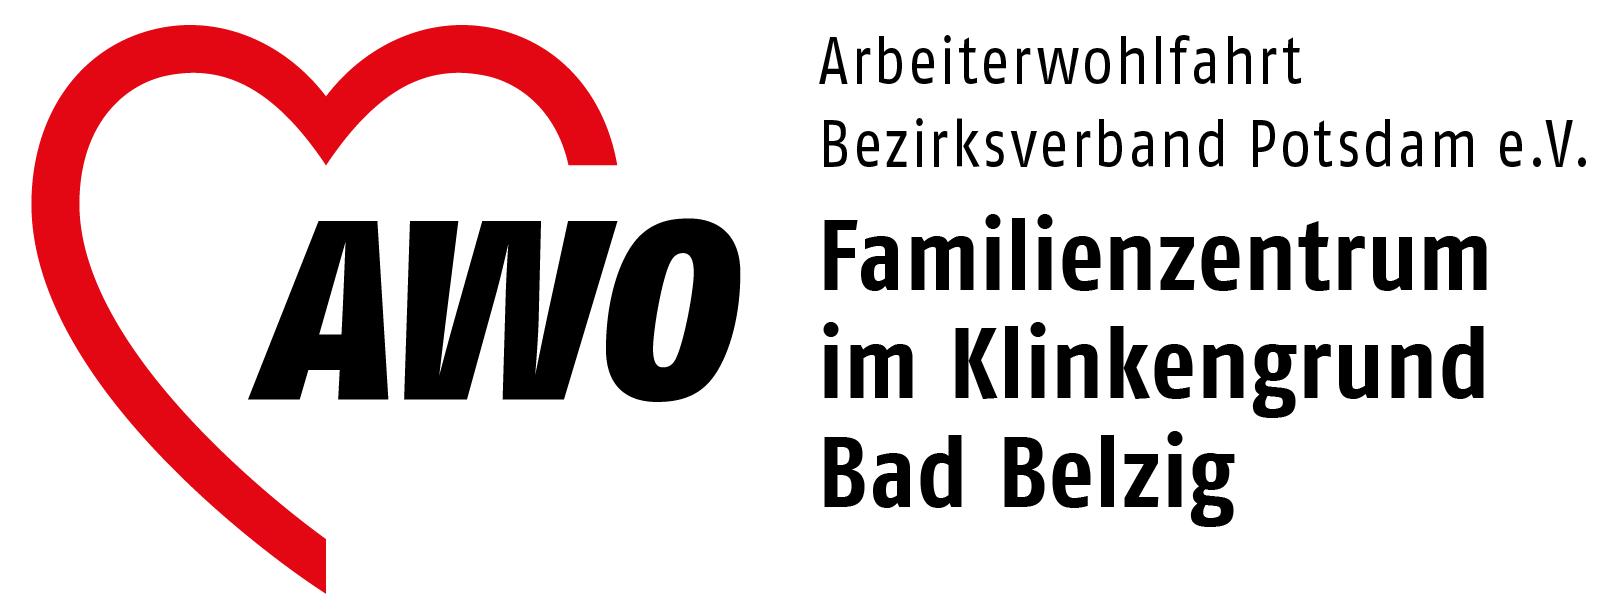 Logo-Familienzentrum-Klinkengrund